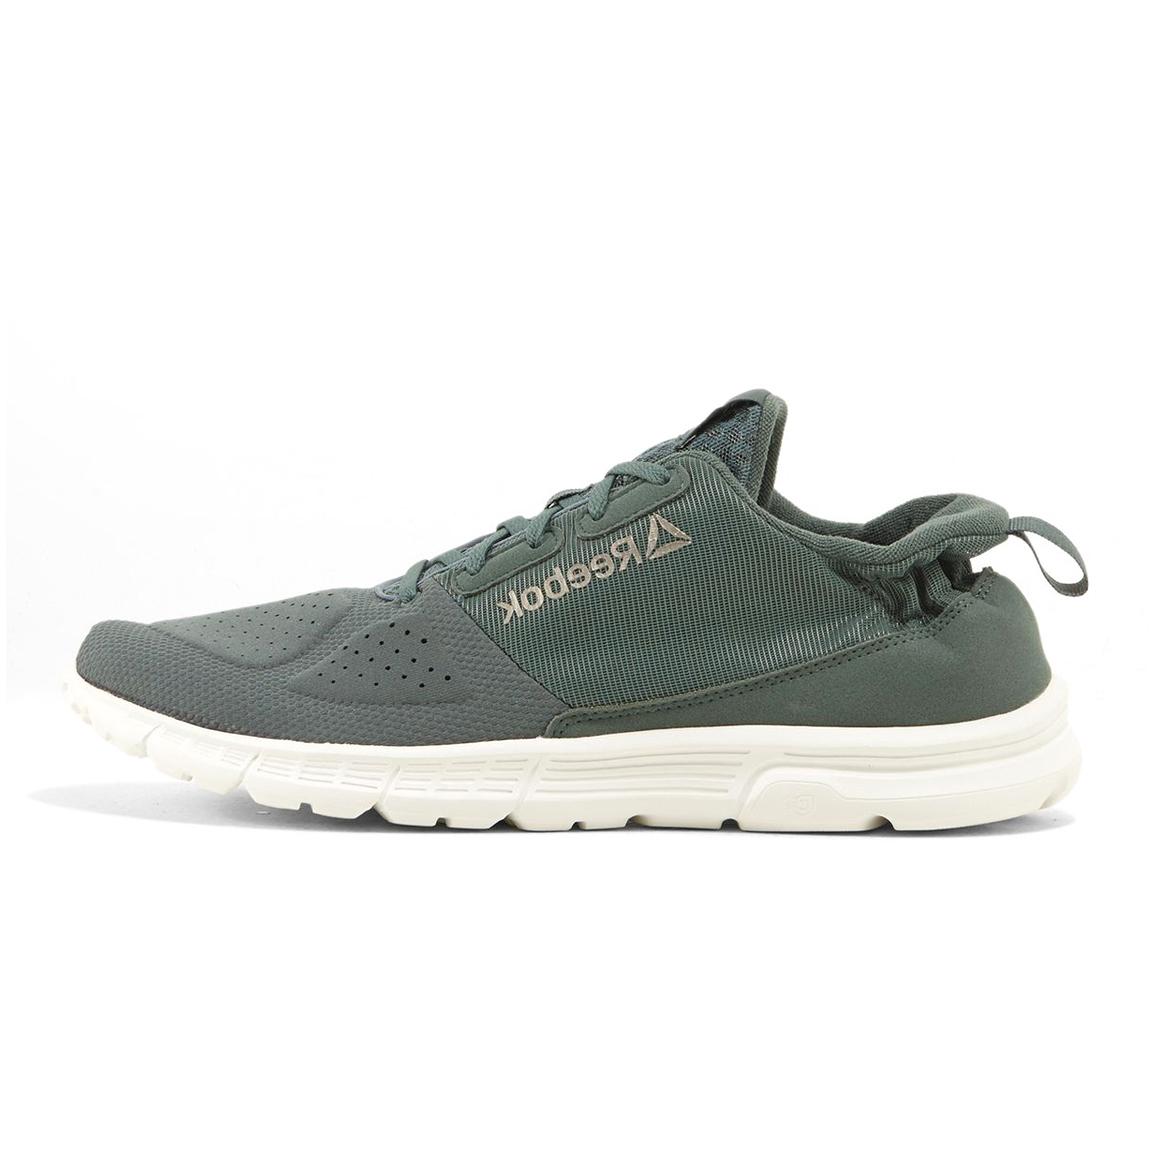 قیمت کفش مخصوص دویدن مردانه ریباک مدل Aim MT